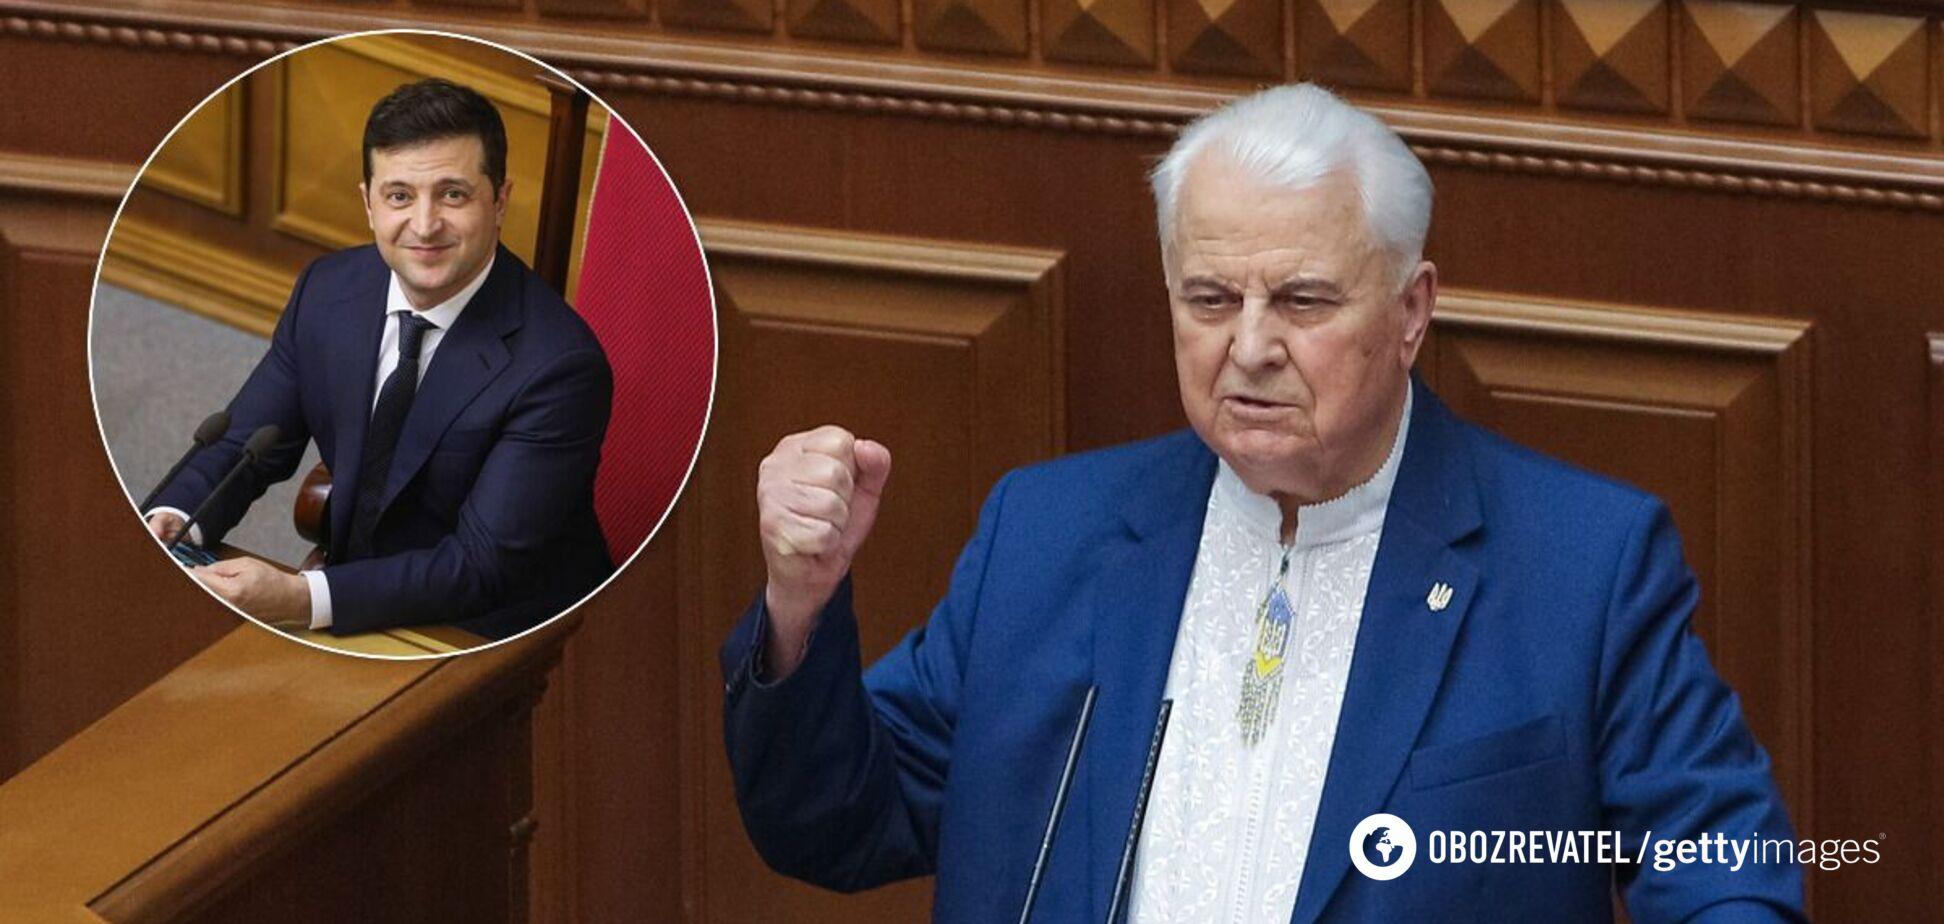 Кравчук – о словах Зеленского по Крыму: президент должен умереть за народ